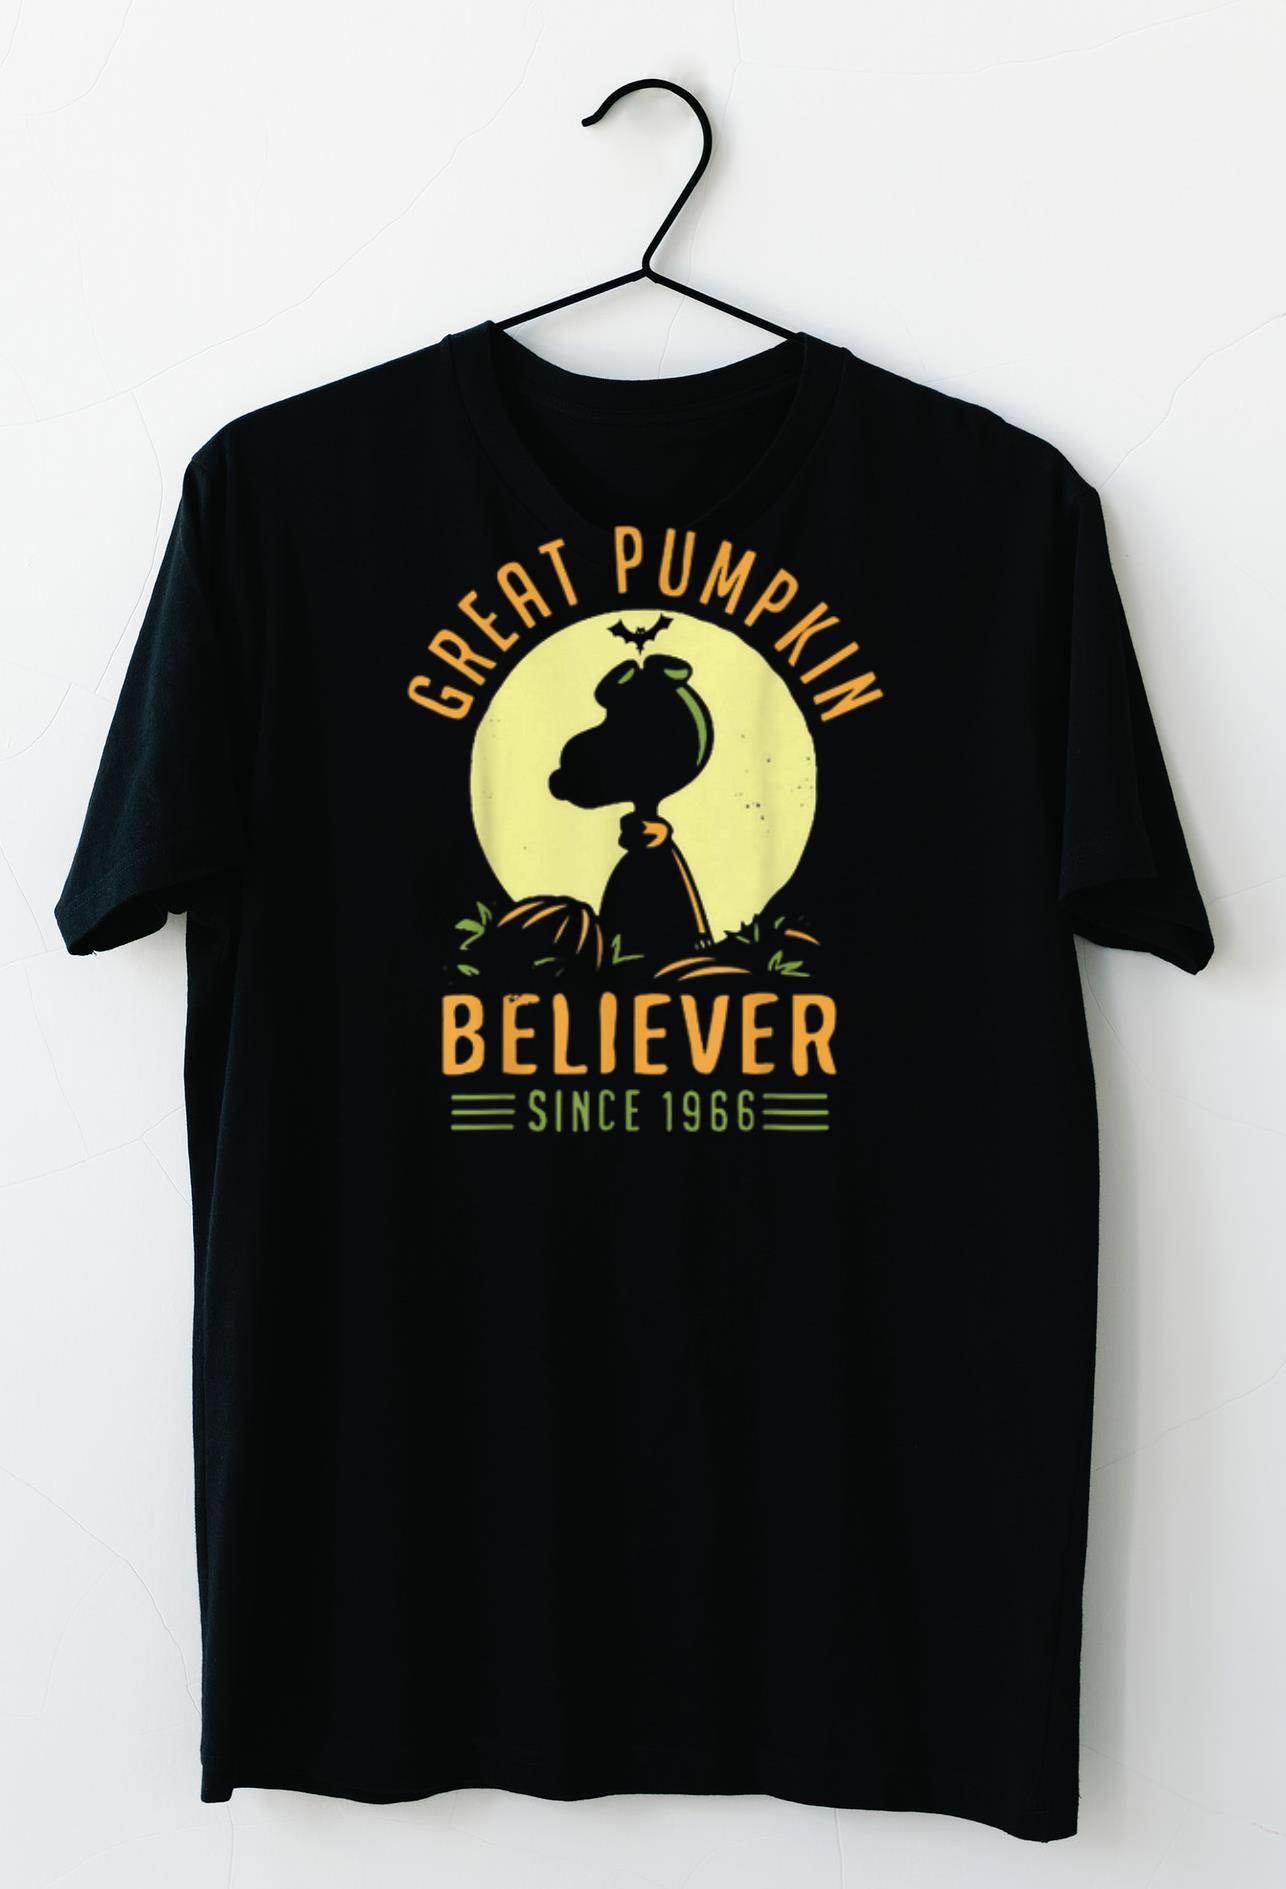 Official Great Pumpkin Believer Since 1966 Halloween Shirts 3 1.jpg